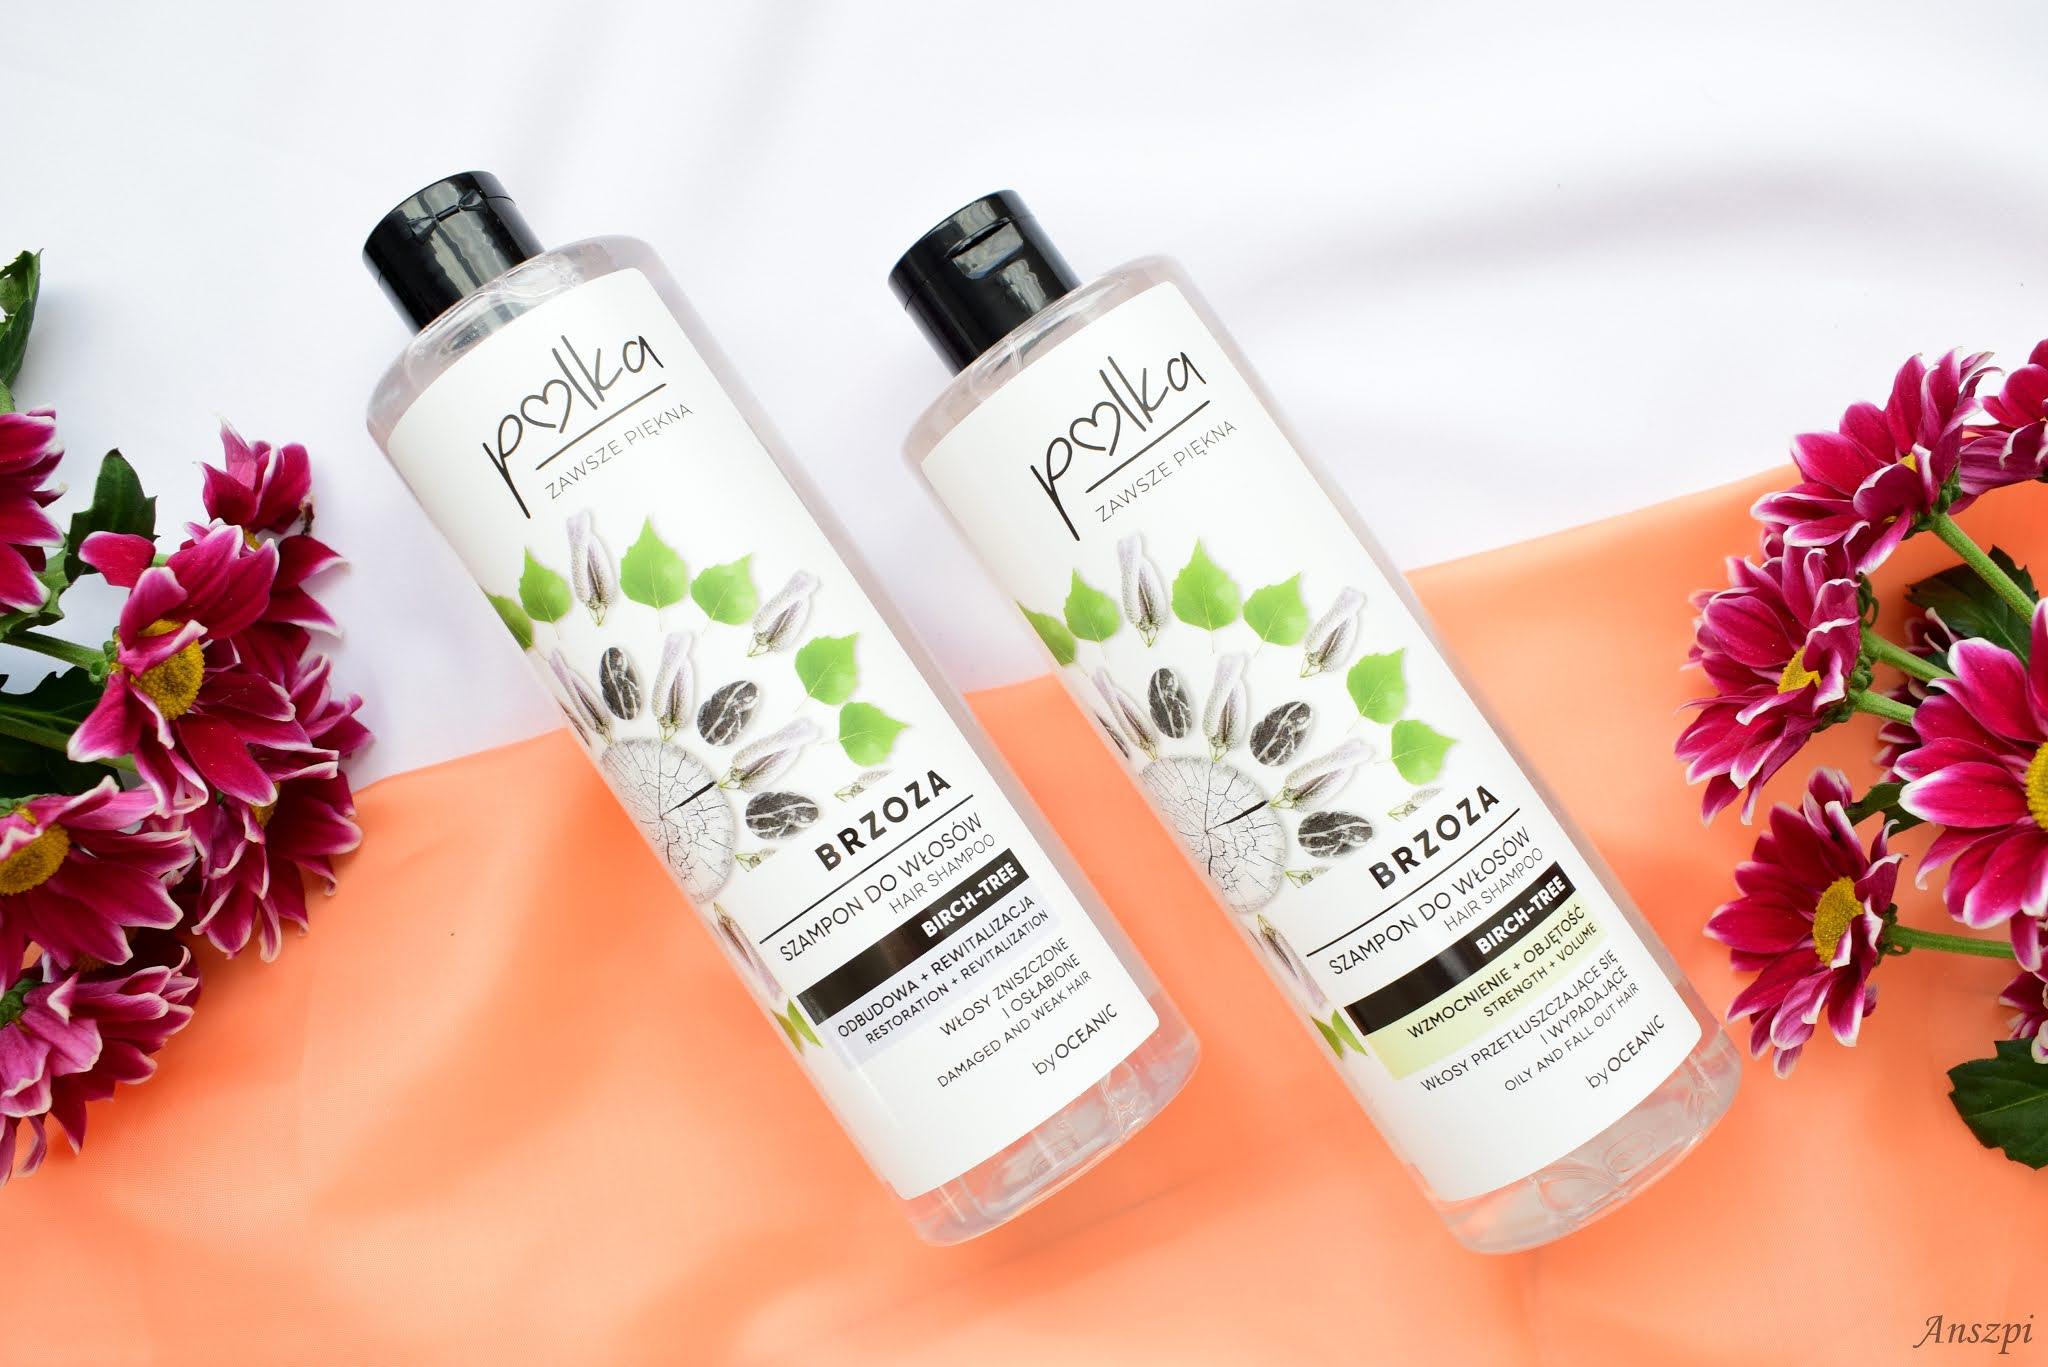 szampony brzozowe do włosów